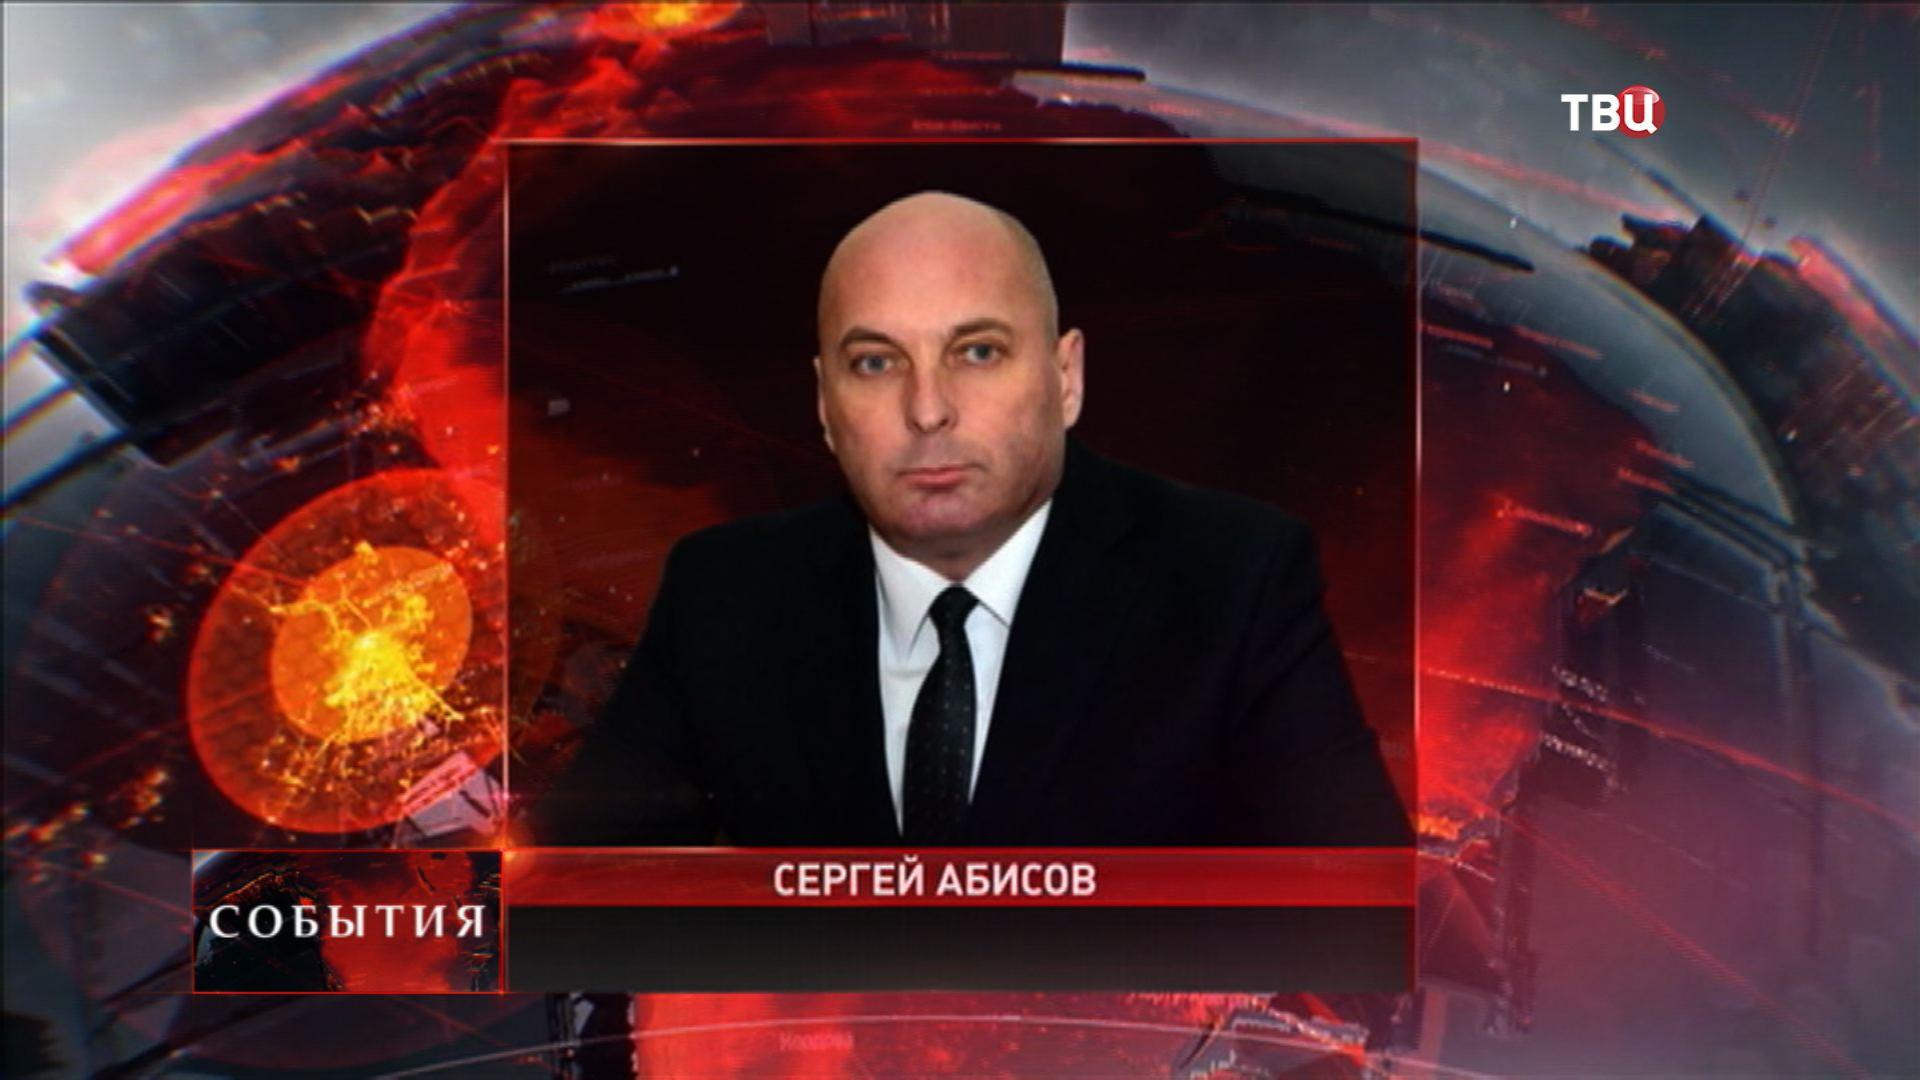 Глава МВД Крыма Сергей Абисов